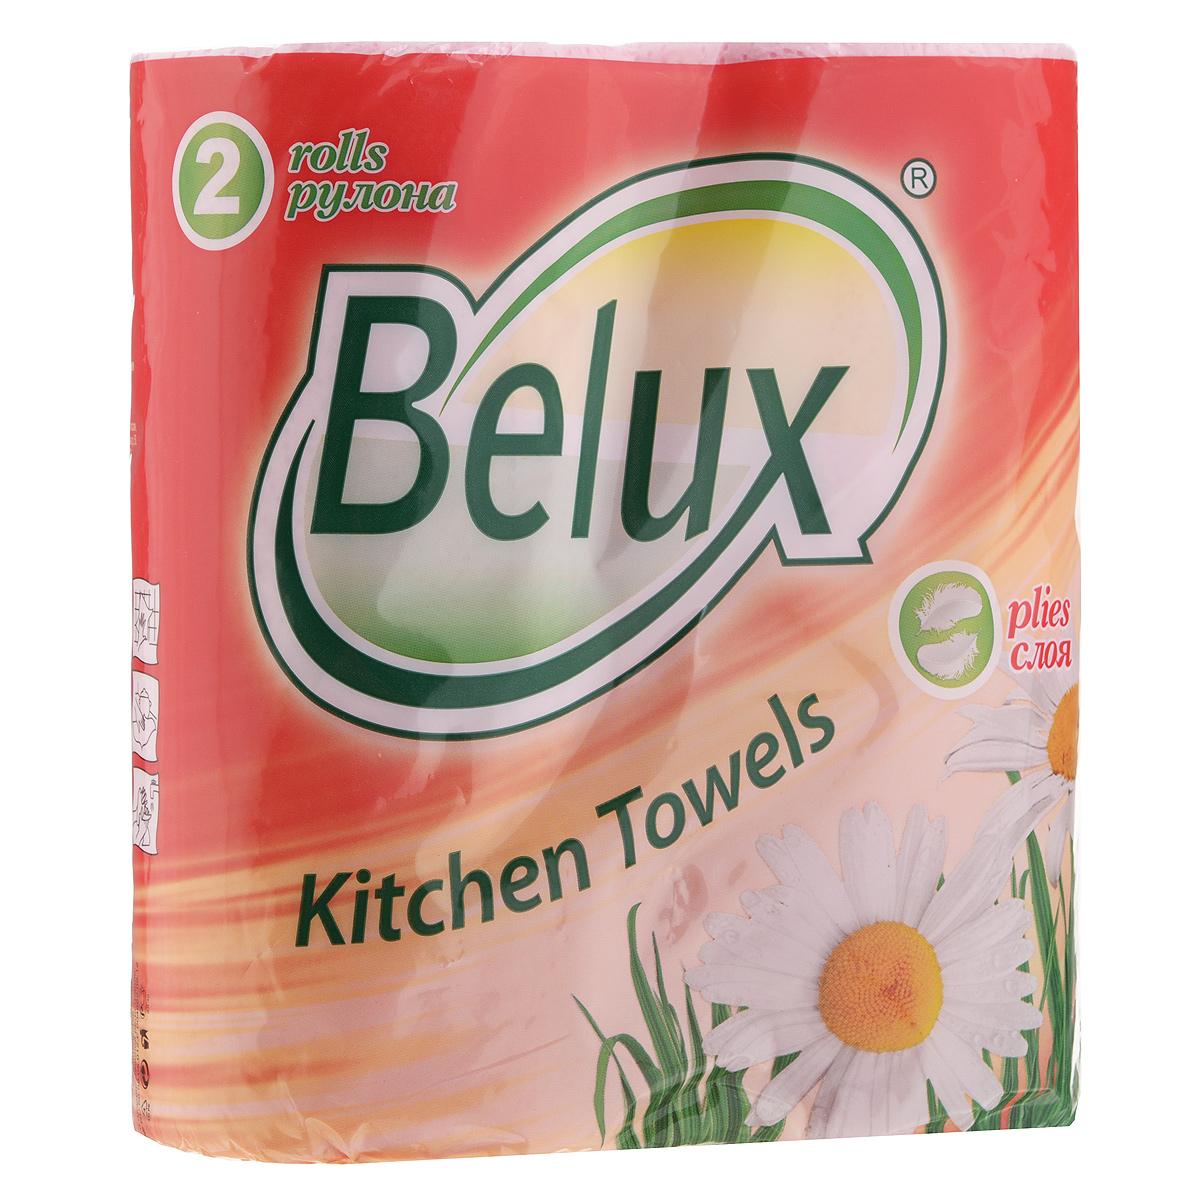 Полотенца кухонные бумажные Belux, двухслойные, цвет: розовый, 2 рулона36297Кухонные бумажные полотенца Belux прекрасно подойдут для использования на кухне. В комплекте - 2 рулона двухслойных полотенец с тиснением. Полотенца мягкие, но в тоже время прочные, с отрывом по линии перфорации. Особенности полотенец: - не оставляют разводов на гладких и стеклянных поверхностях, - идеально впитывают влагу, - отлично впитывают жир, - подходят для ухода за домашними животными, бытовой техникой, автомобилем. Товар сертифицирован.